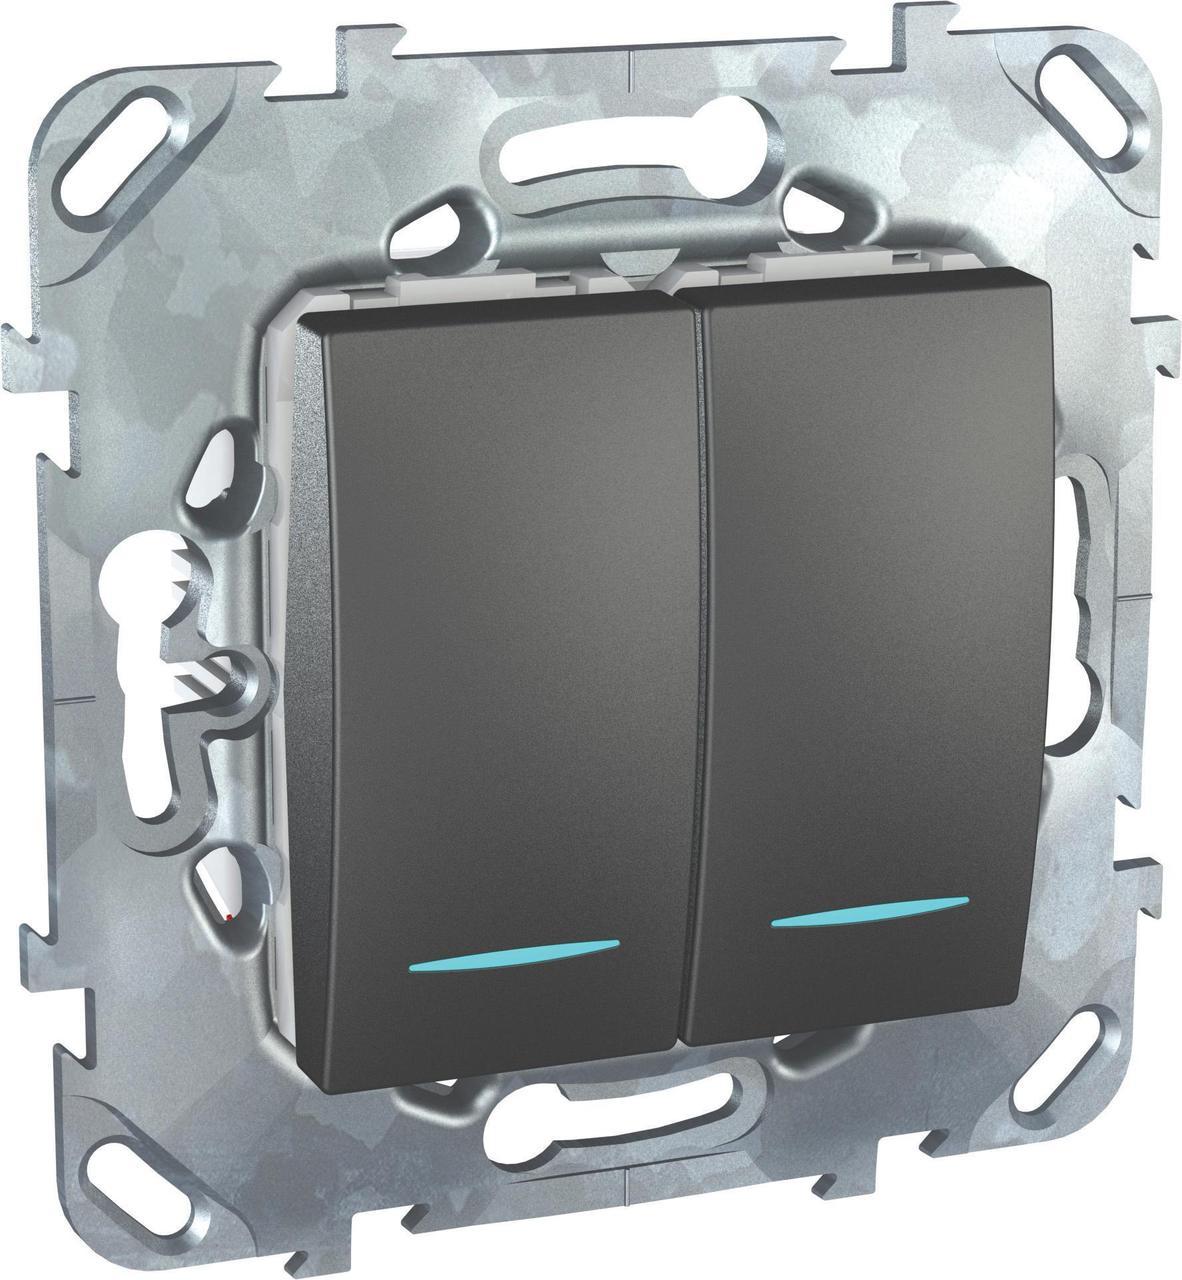 Выключатель 2-клавишный проходной с подсветкой (с двух мест) , Графит, серия UNICA TOP/CLASS, Schneider Electric